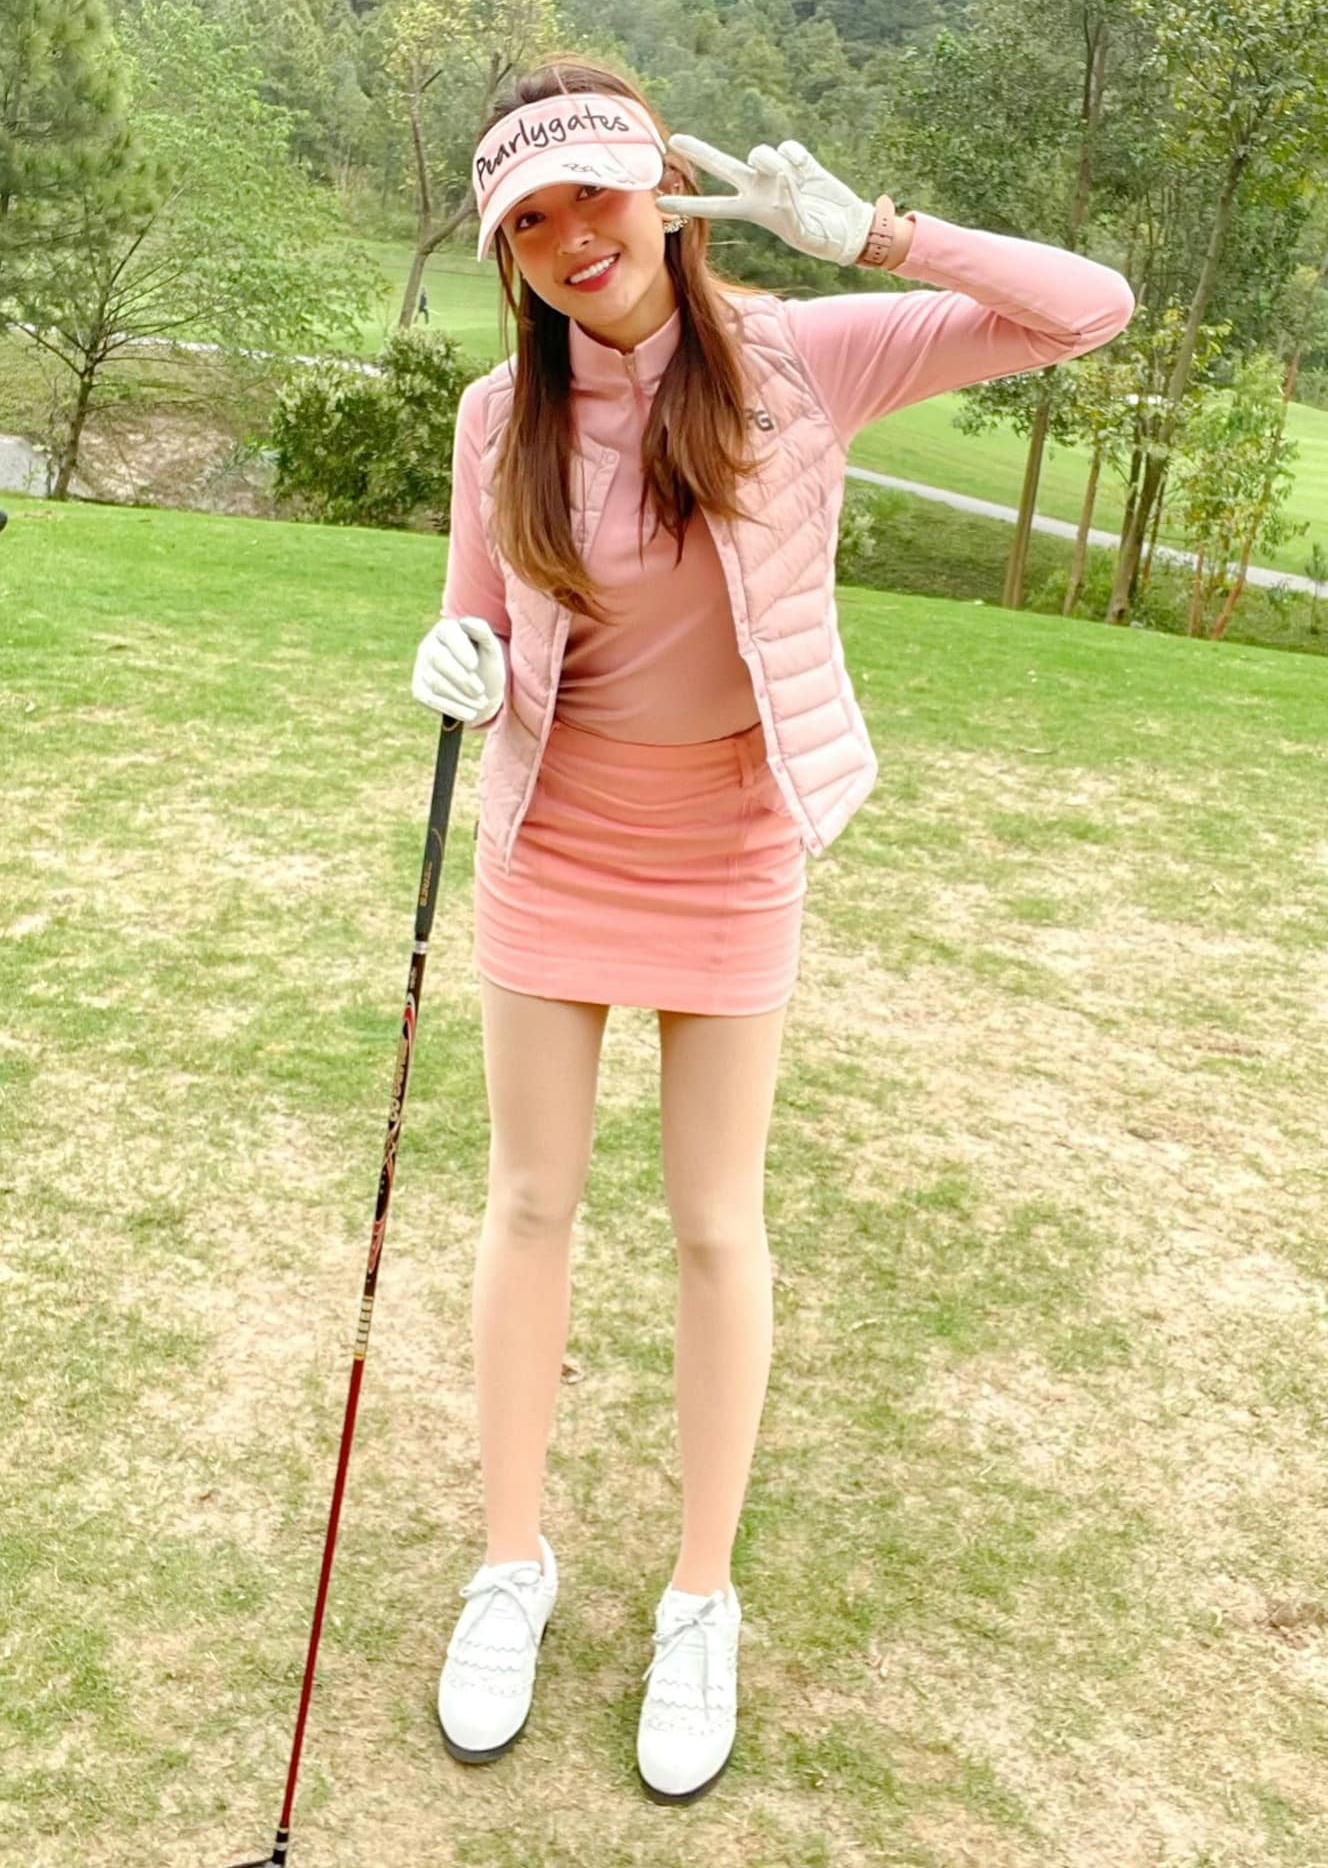 Huyền My trời nắng cũng như trời mưa rất chăm chỉ đến sân golf tập luyện.